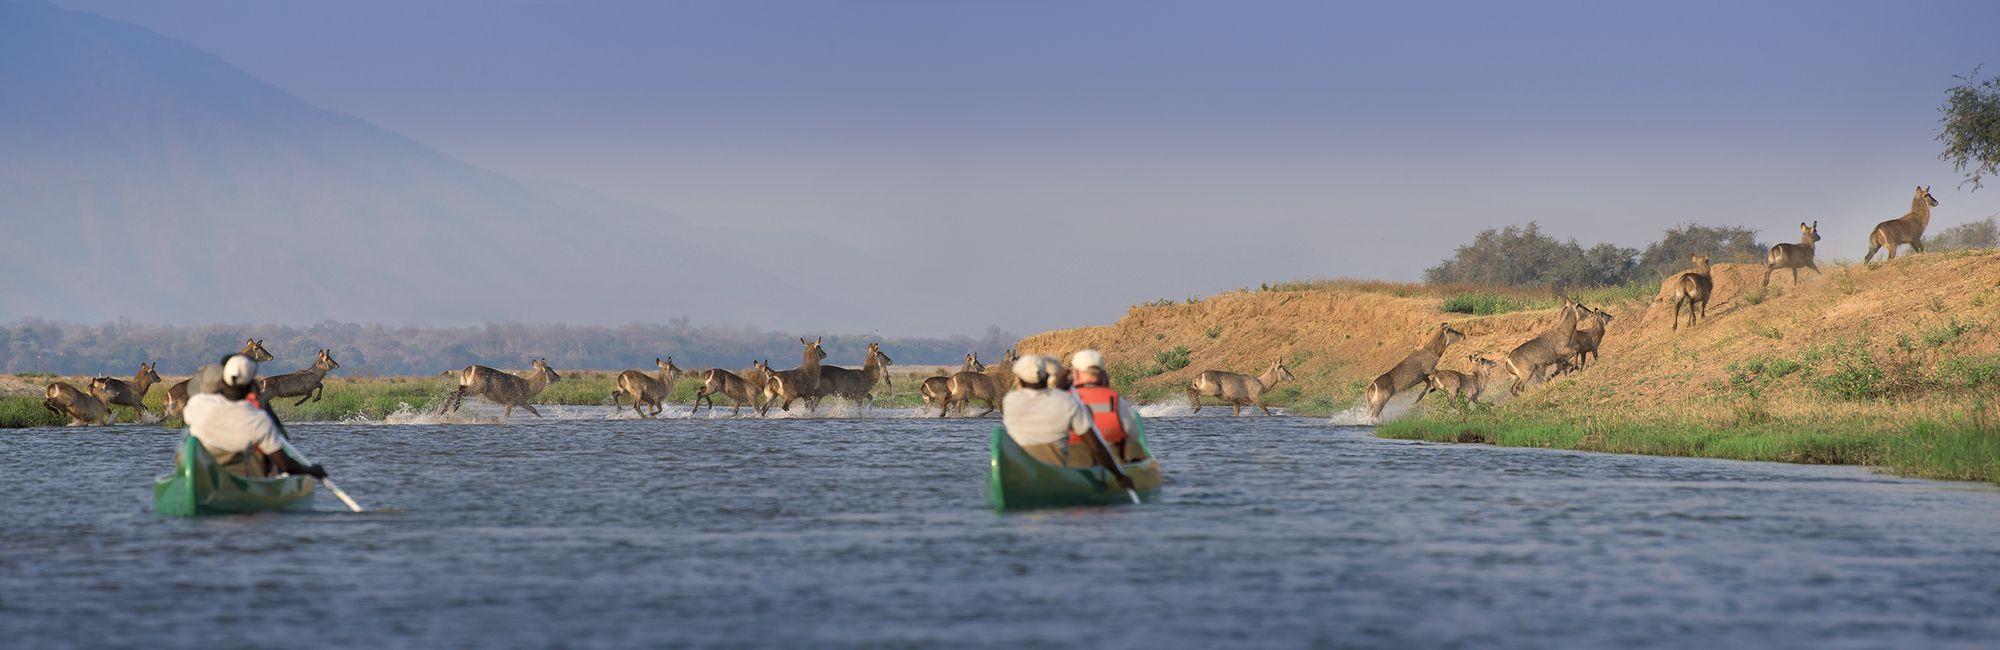 Zimbabwe Kano Zambezi